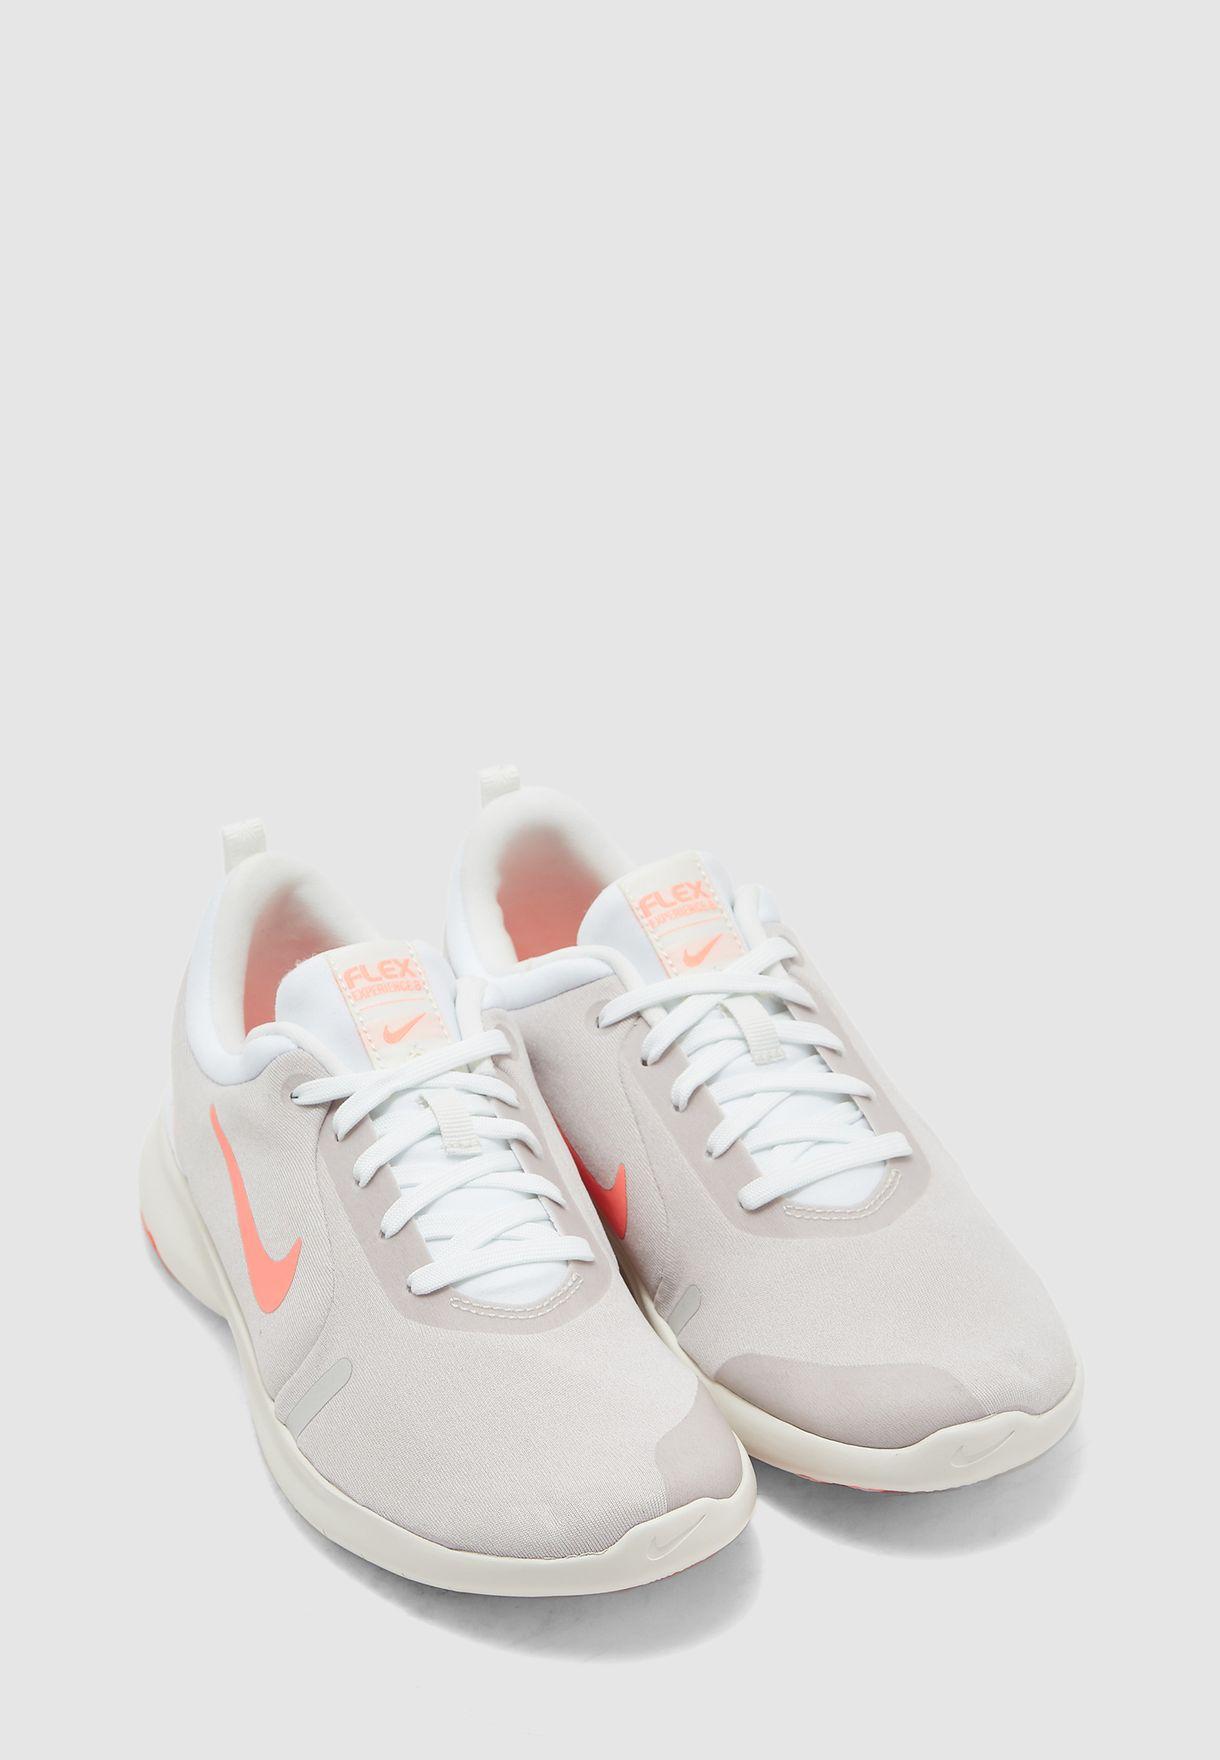 حذاء فلكس اكسبيرينس اران 8